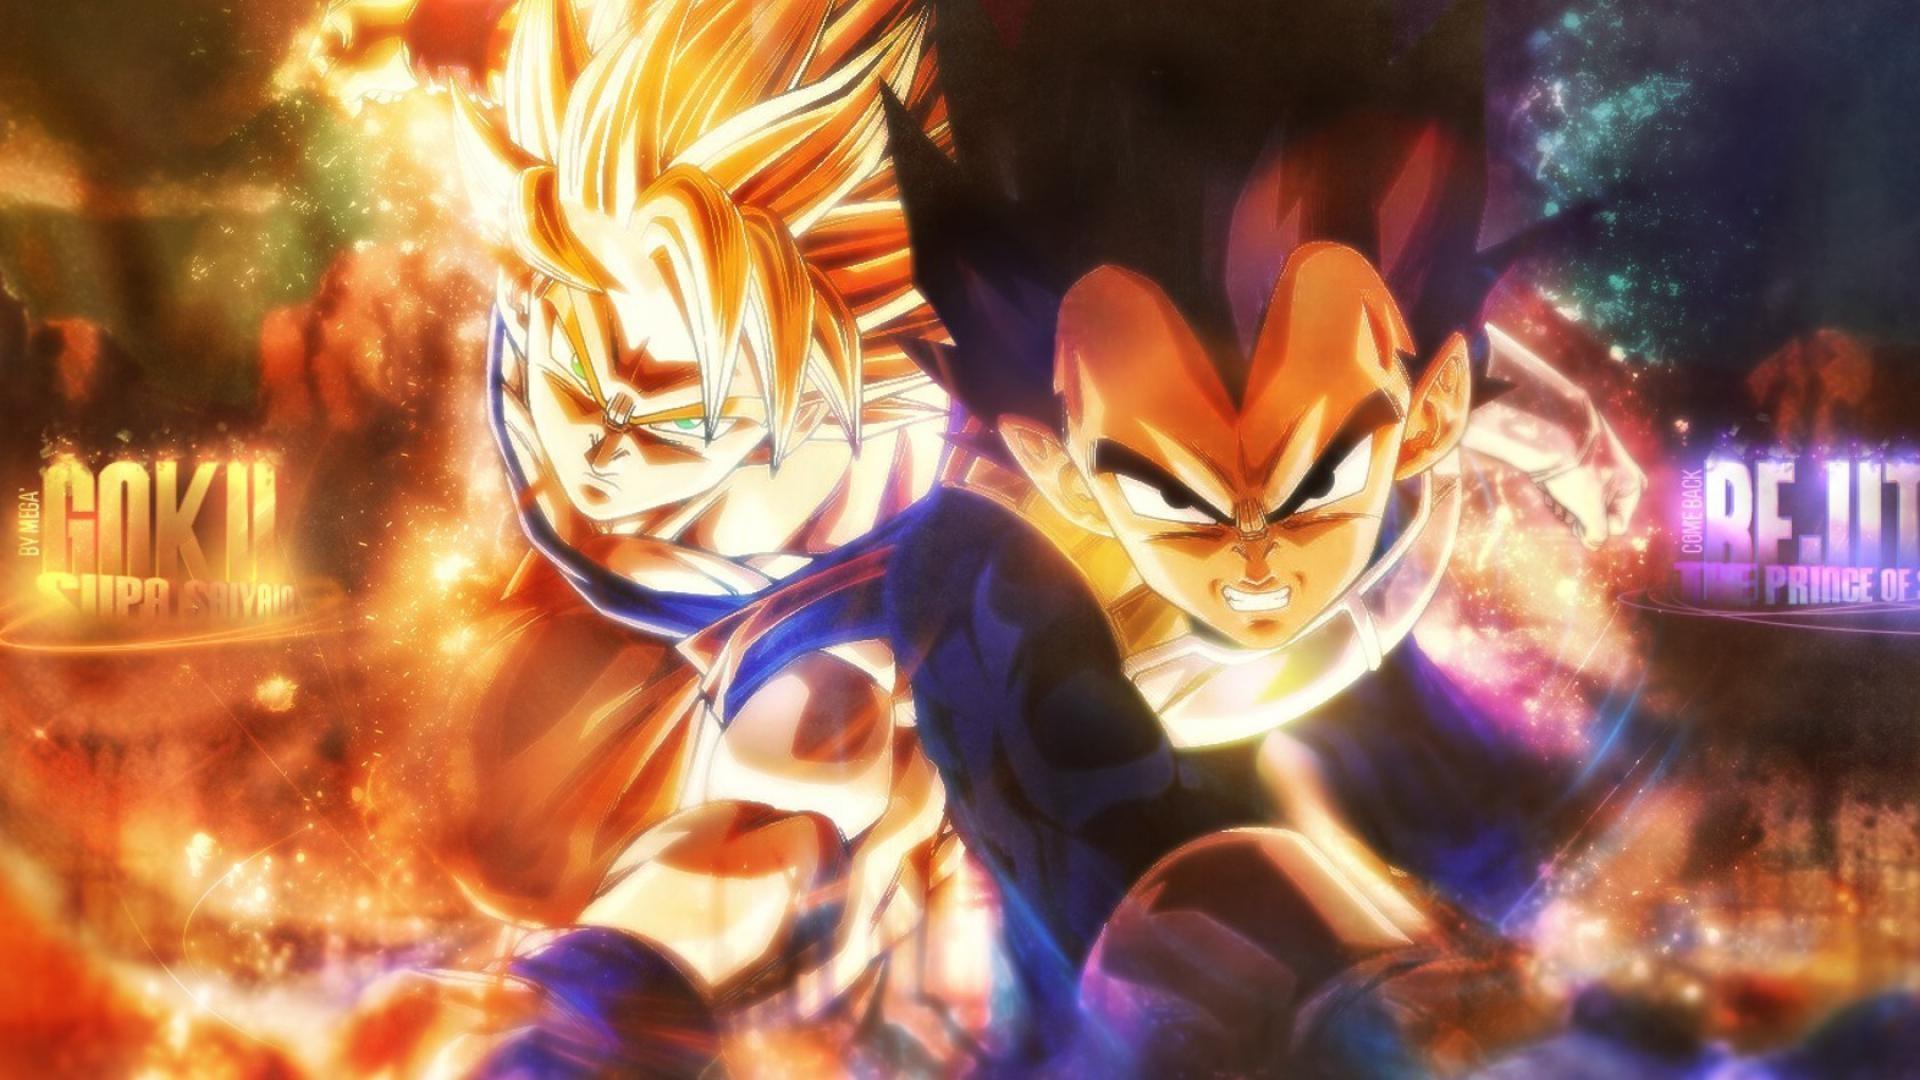 vegeta son goku dragon ball super saiyan HD Wallpaper of Anime & Manga